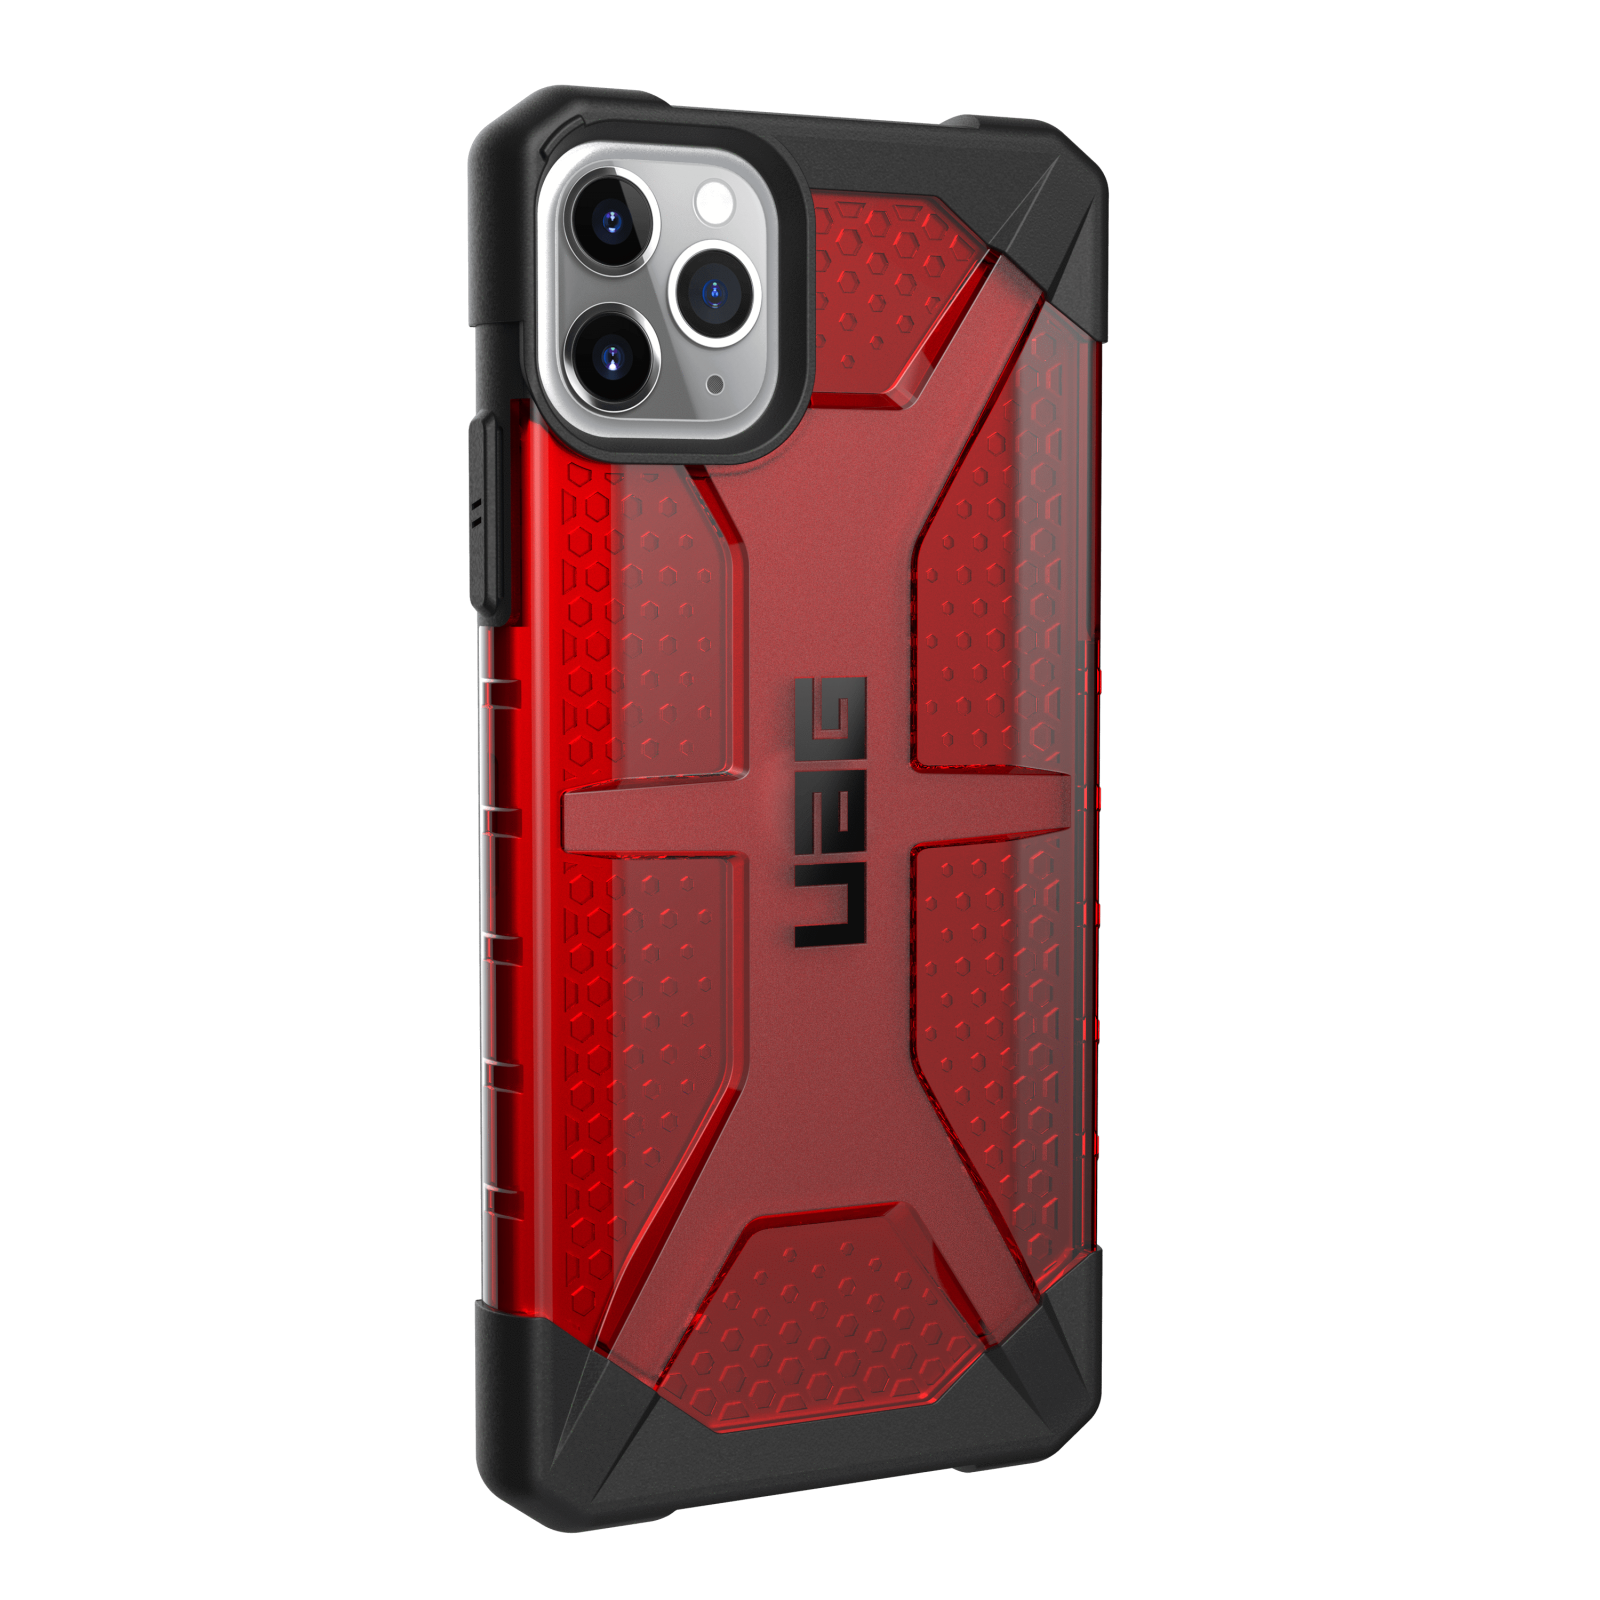 Coque Antichoc Apple iPhone 11 Pro Urban Armor Gear UAG Plasma Magma